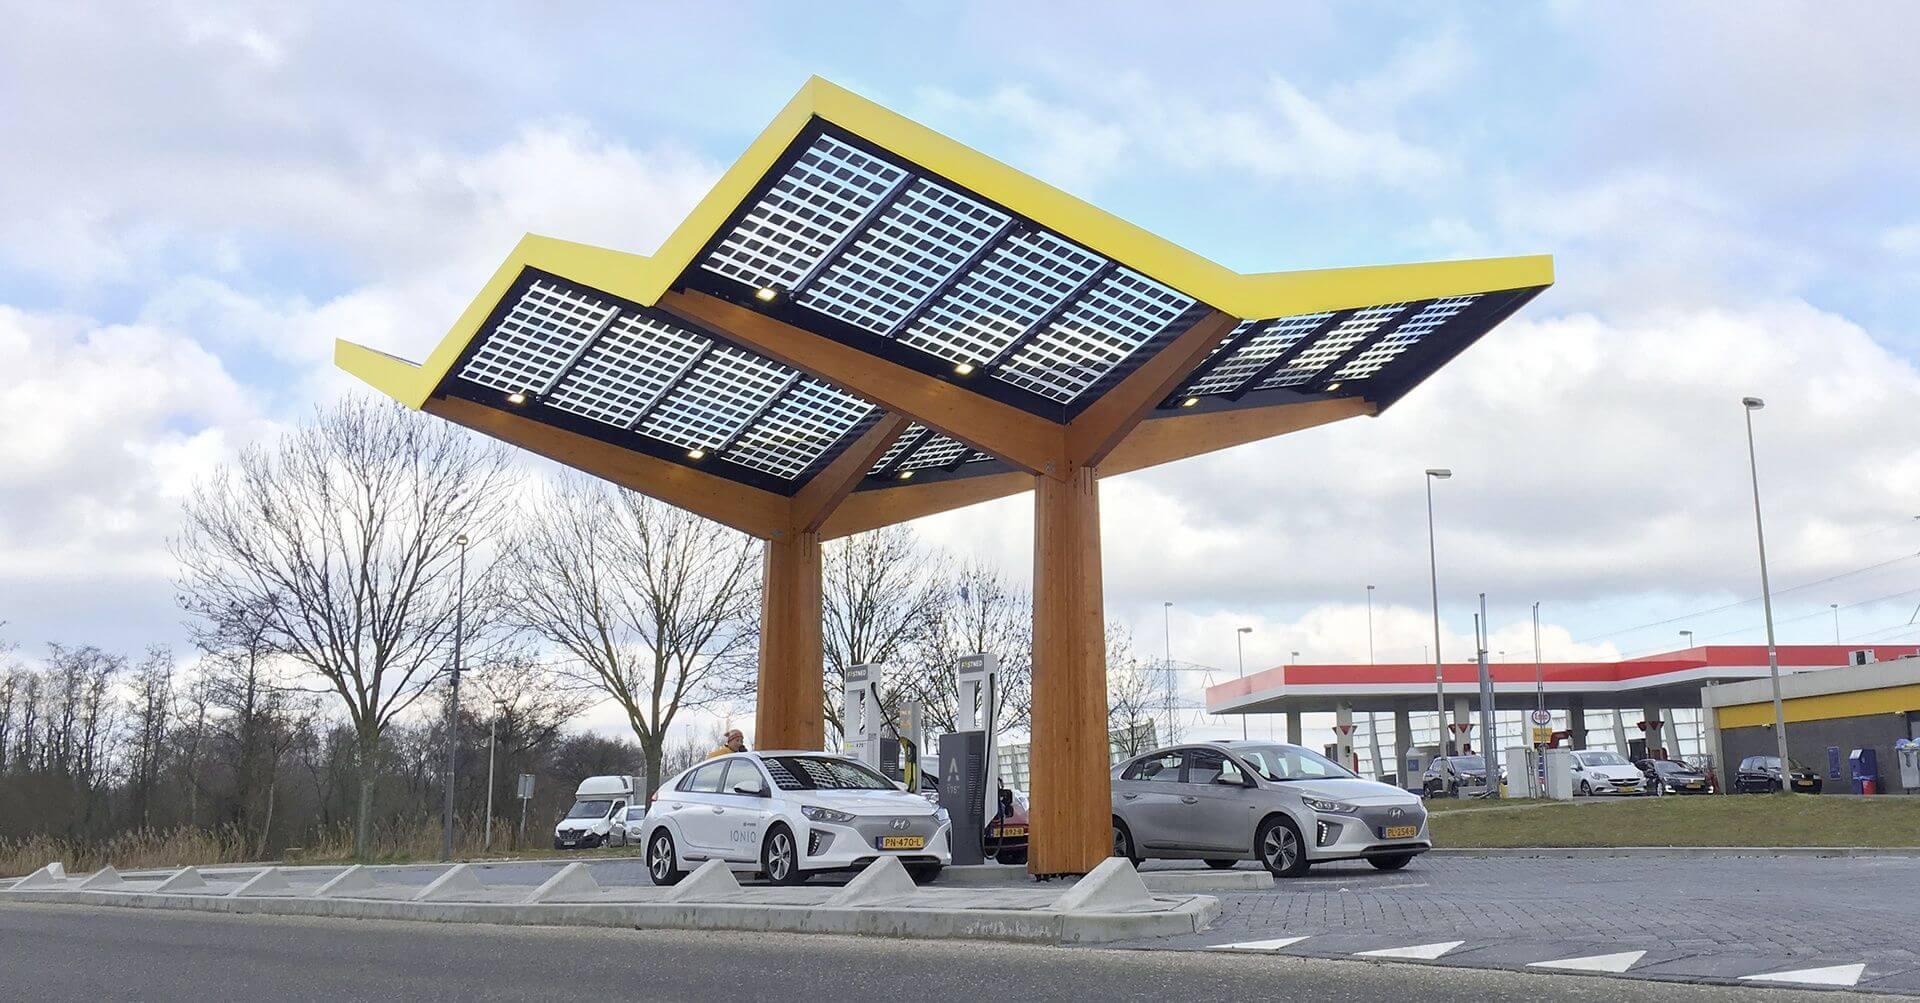 σταθμός φόρτισης ηλεκτρικών οχημάτων σε χώρα του εξωτερικού